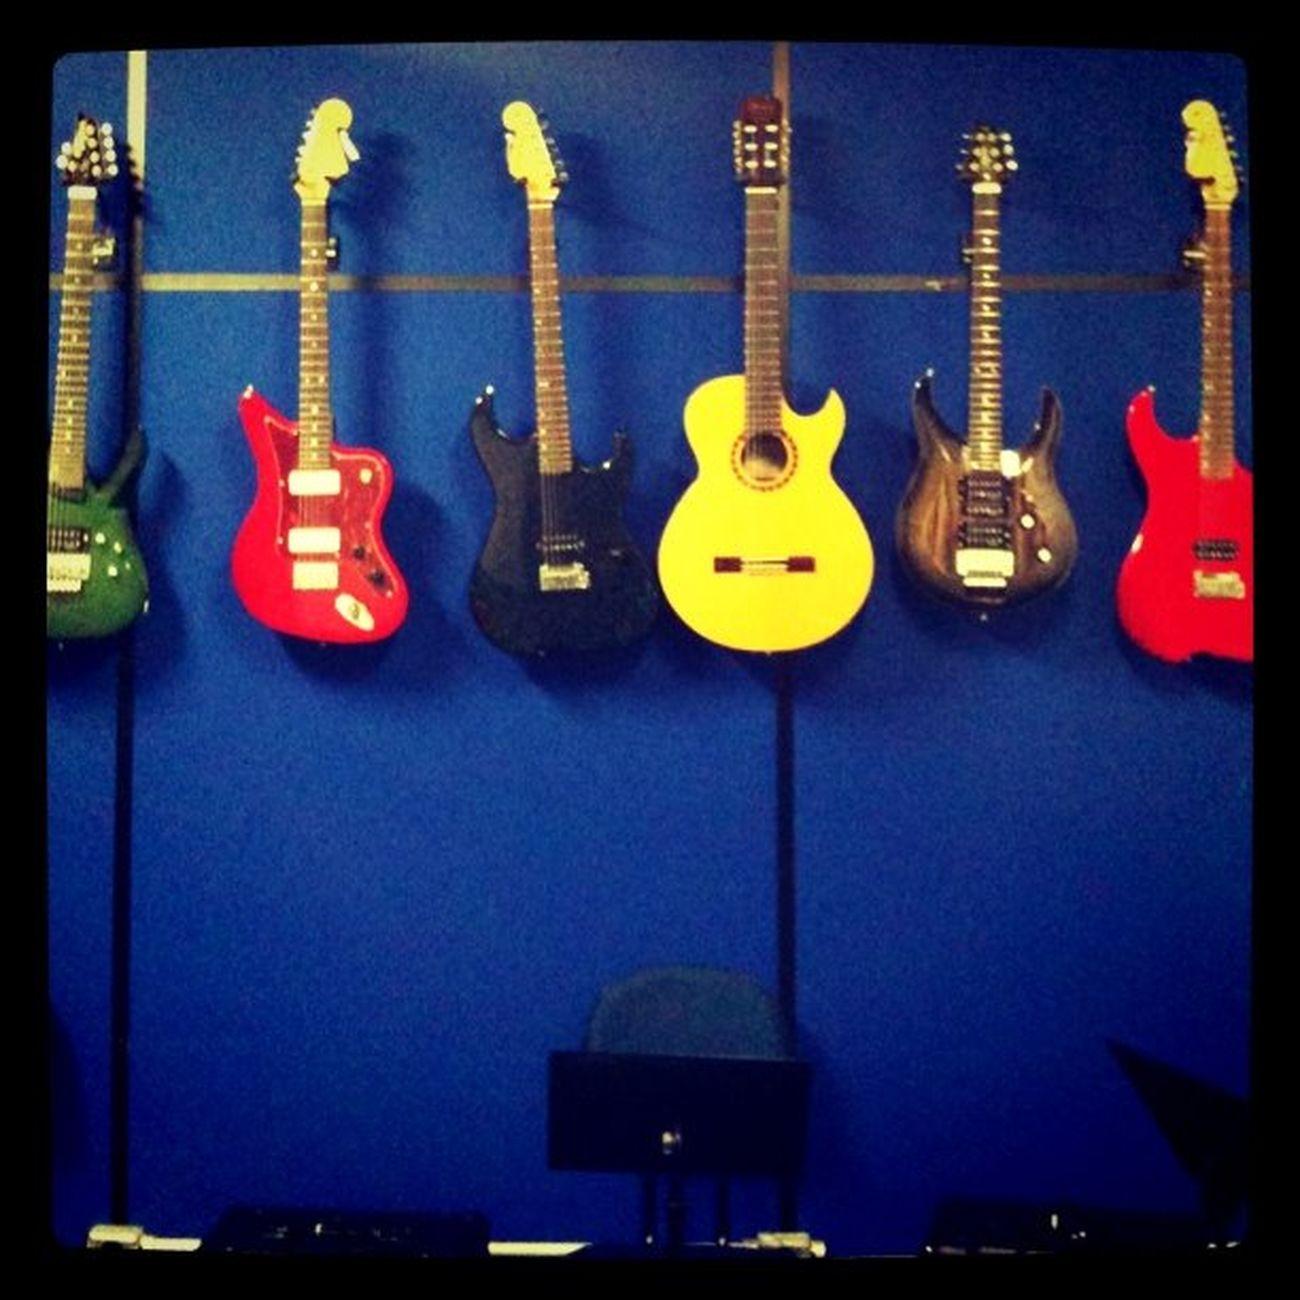 """Decidindo qual guitarra usar na aula de hoje... 0_0"""""""